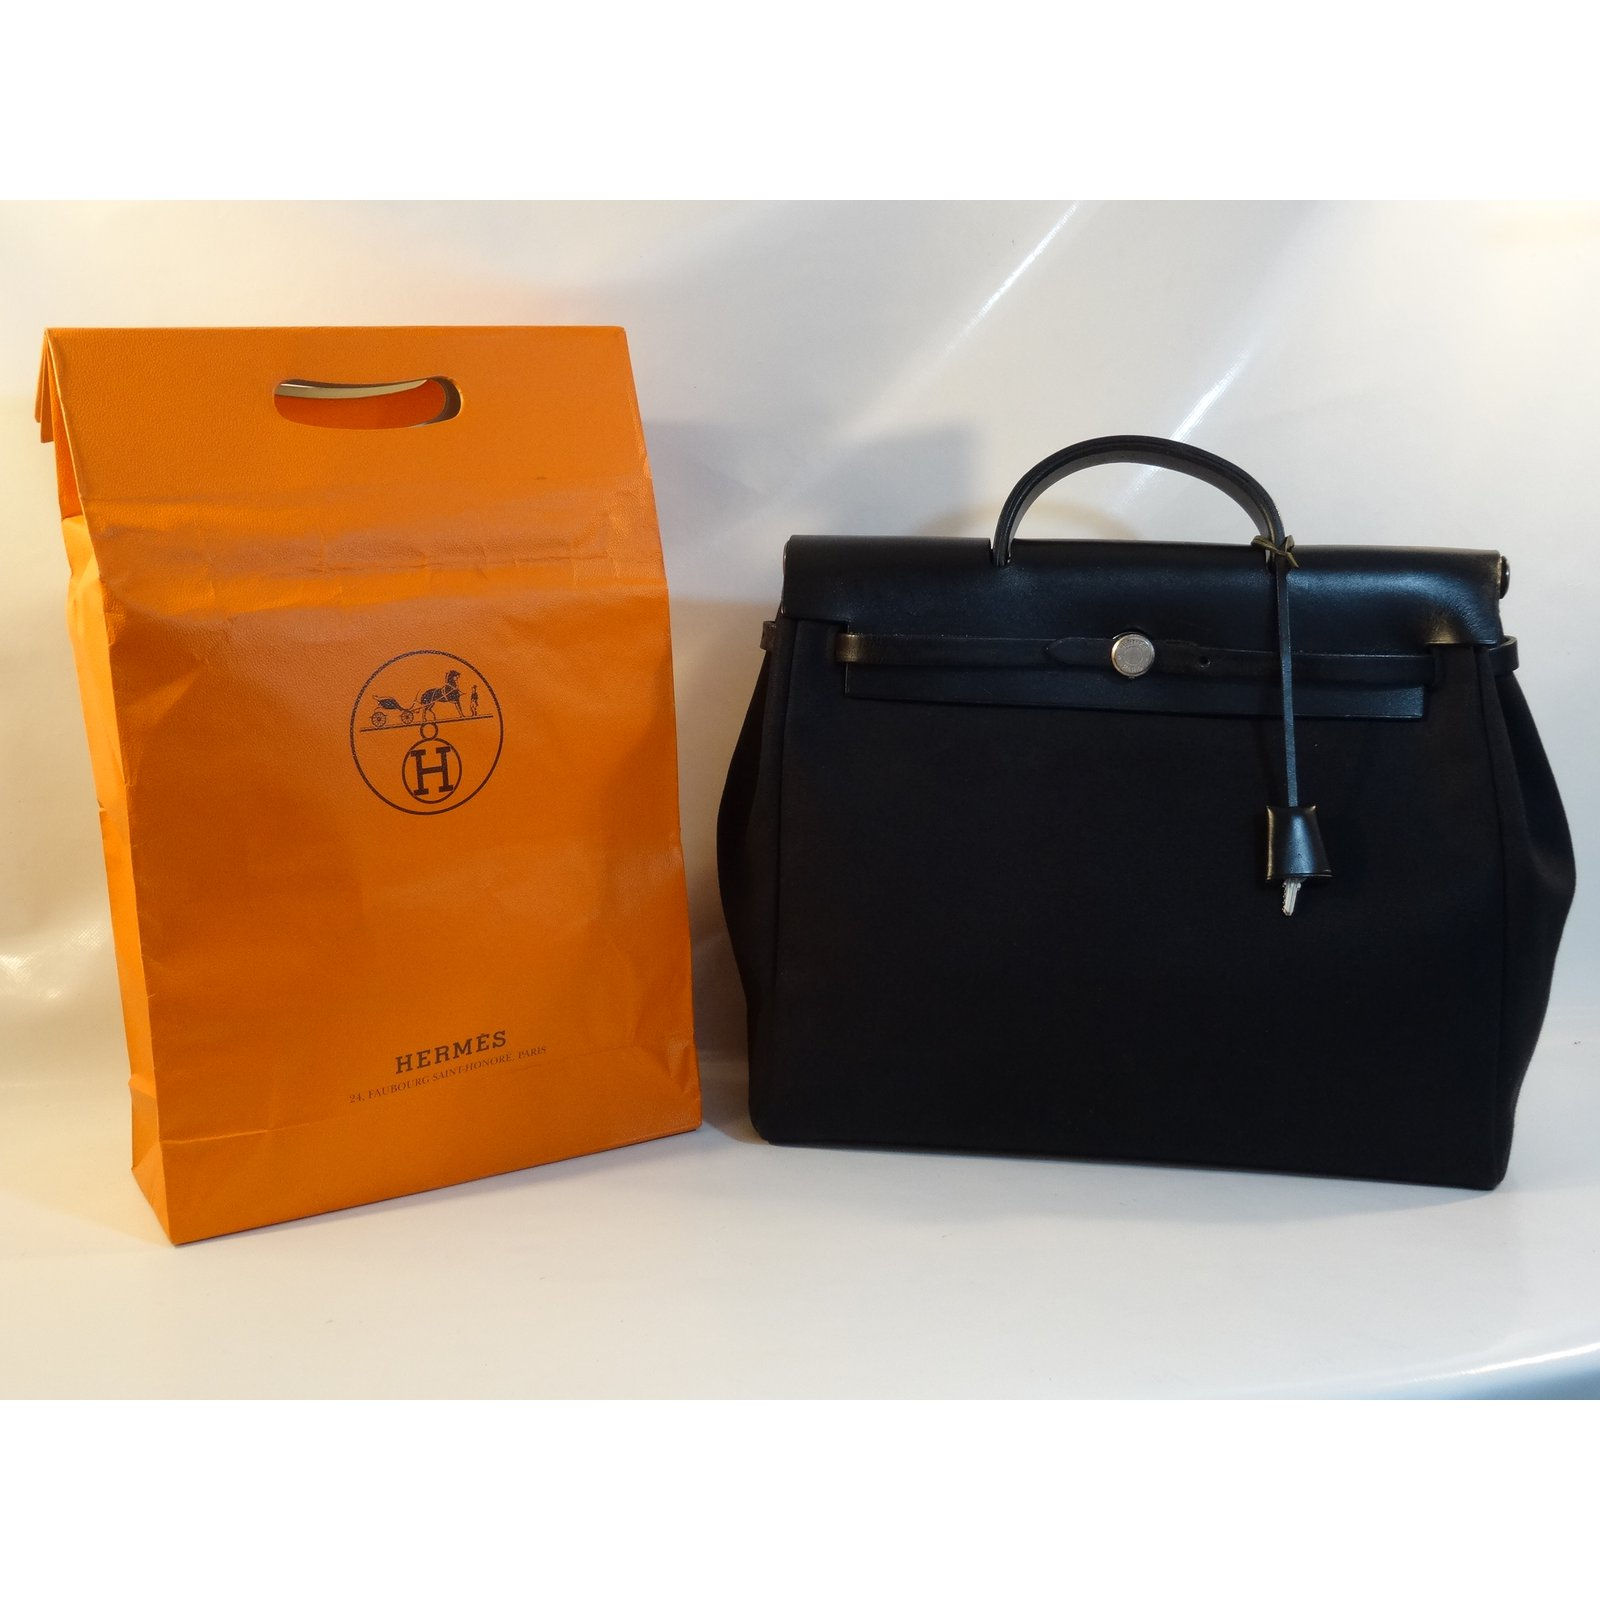 Noir 99686 Sacs Autre Sac Main Herbag toile À Ref Hermès Hermes Ybf7gm6yIv